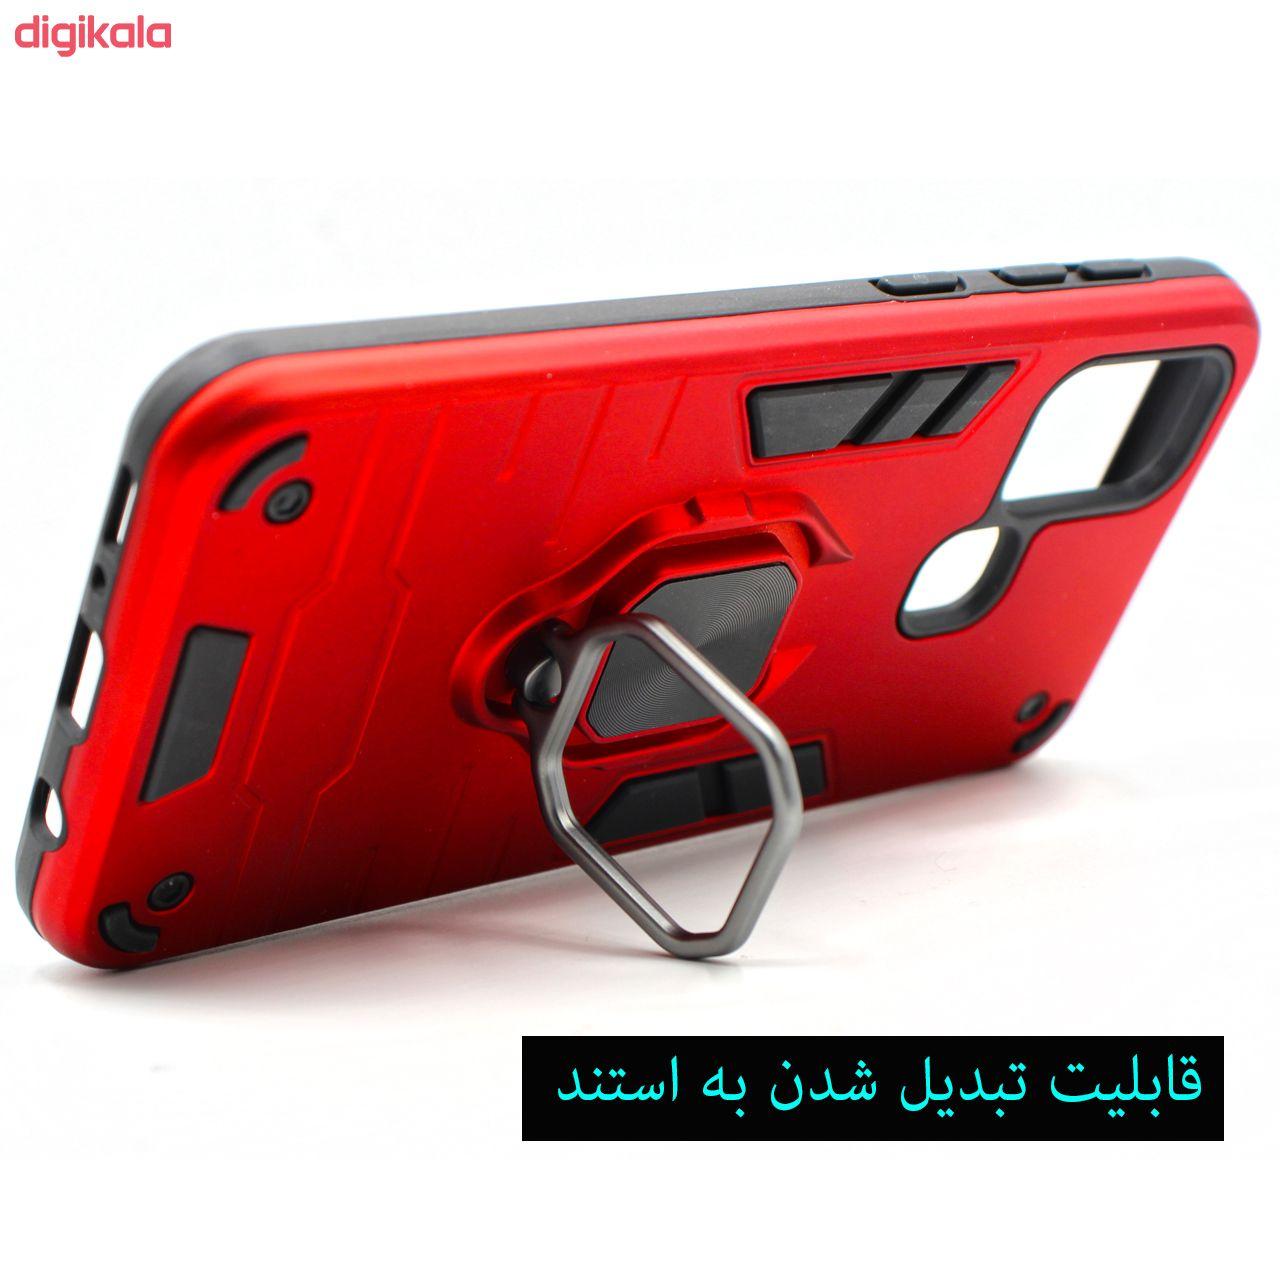 کاور کینگ پاور مدل ASH22 مناسب برای گوشی موبایل سامسونگ Galaxy M31 main 1 10